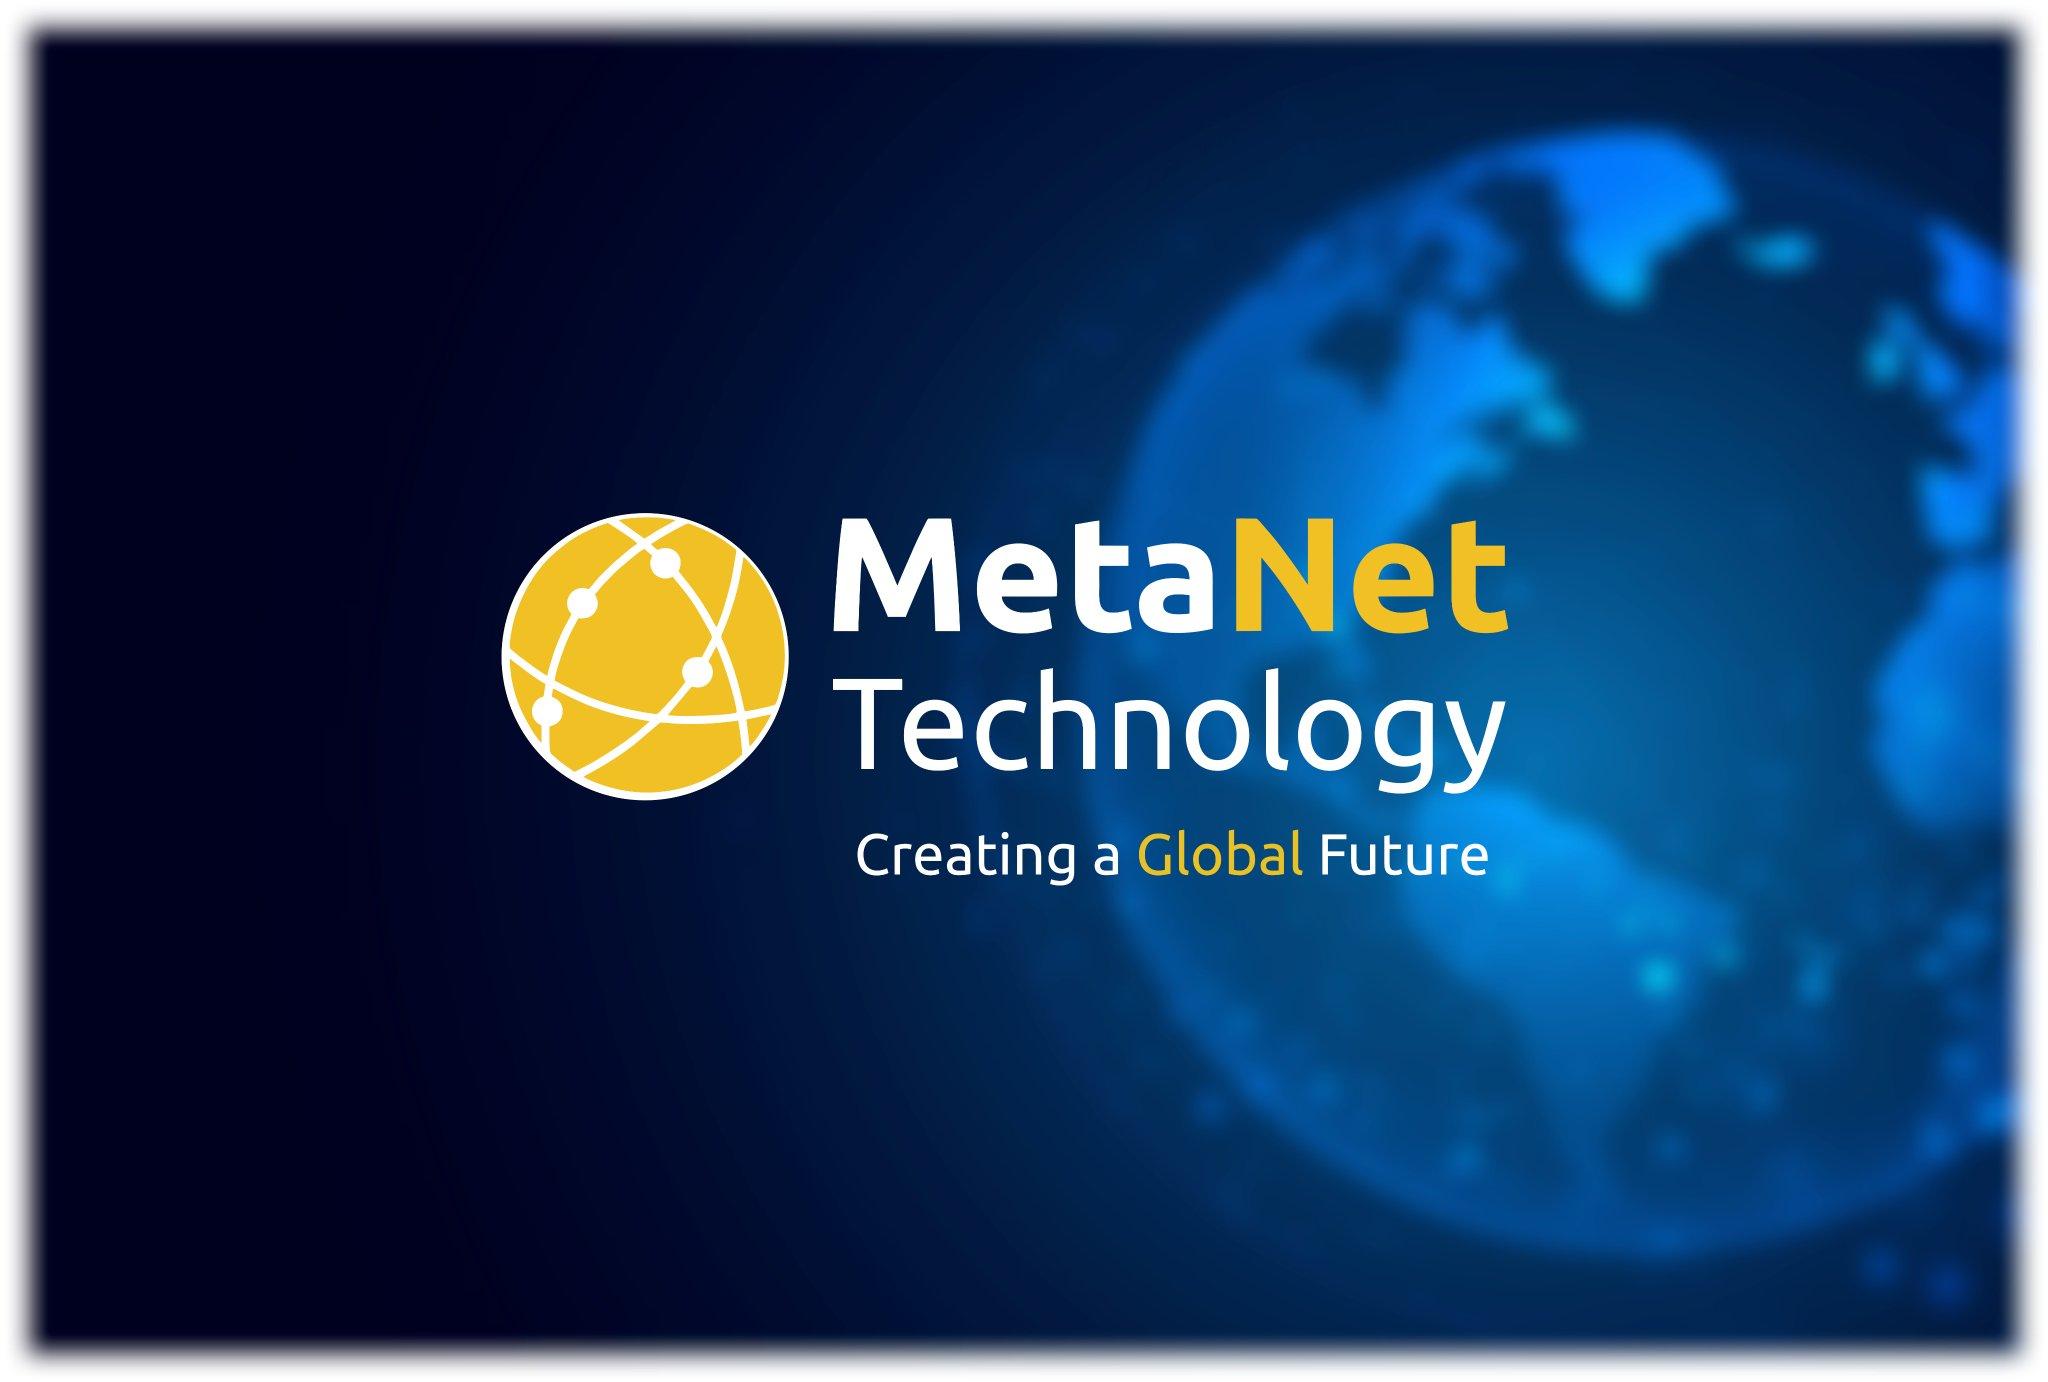 MetaNet Technology